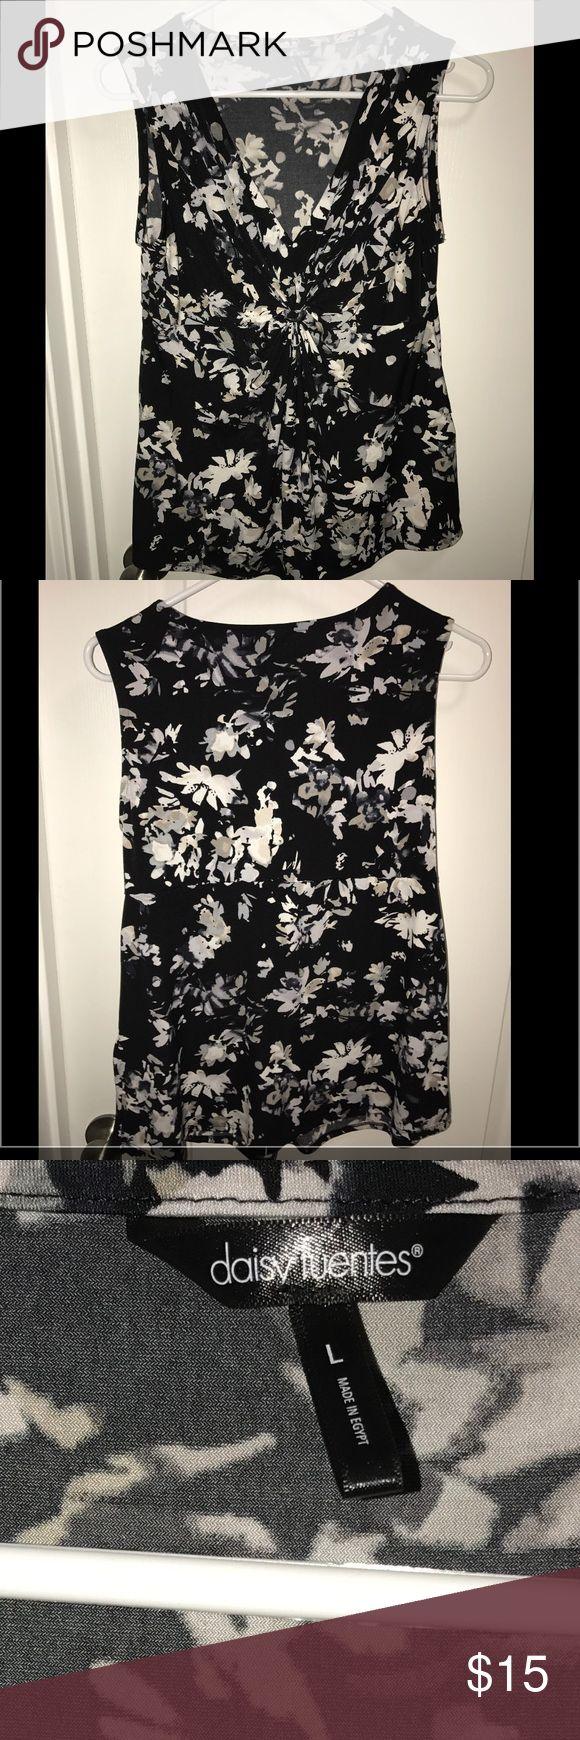 Daisy Fuentes sleeveless dress top. Large. Daisy Fuentes sleeveless dress top. Large. From Kohls. Worn once. Daisy Fuentes Tops